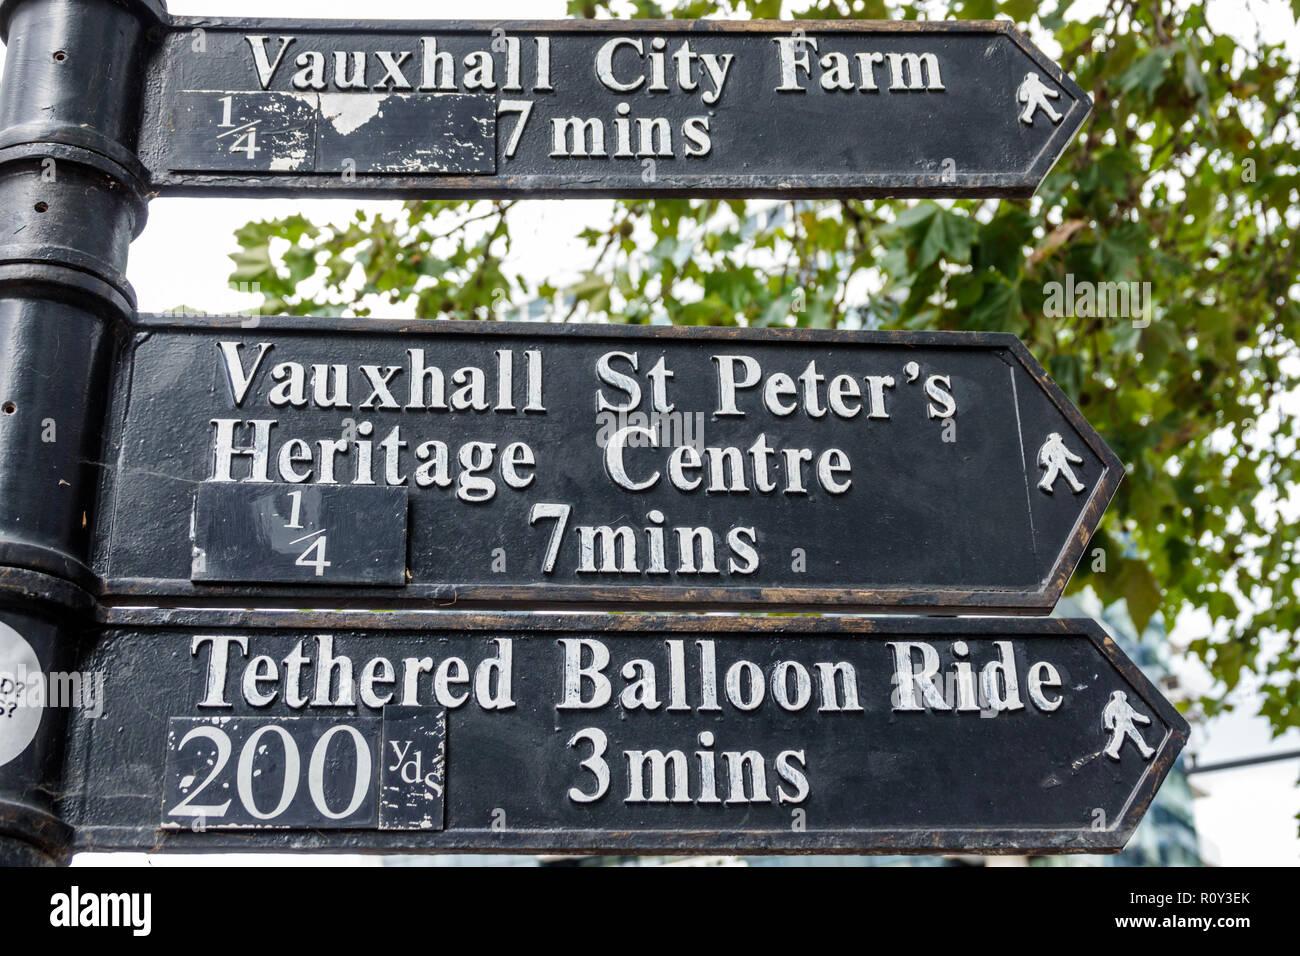 London England Vereinigtes Königreich Großbritannien Lambeth Vauxhall gerichtete Post unterzeichnen Ort Pfeil zu Fuß Vauxhall Stadt Hof St. Peter's Heri Stockbild